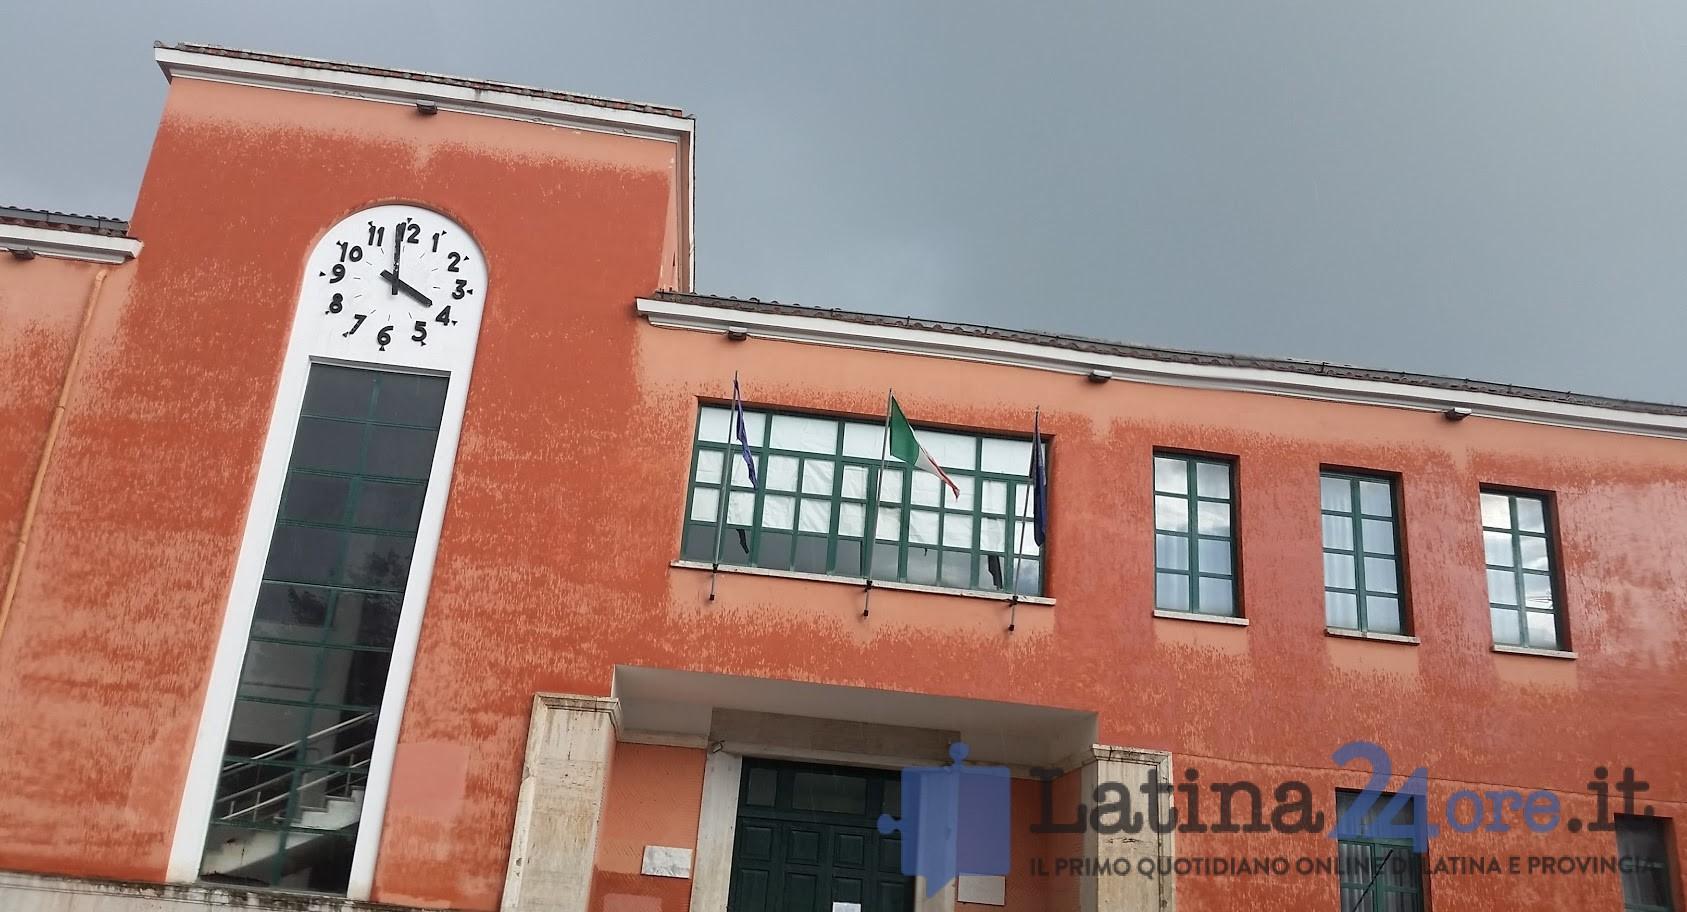 piazza-dante-pioggia-latina-scuola